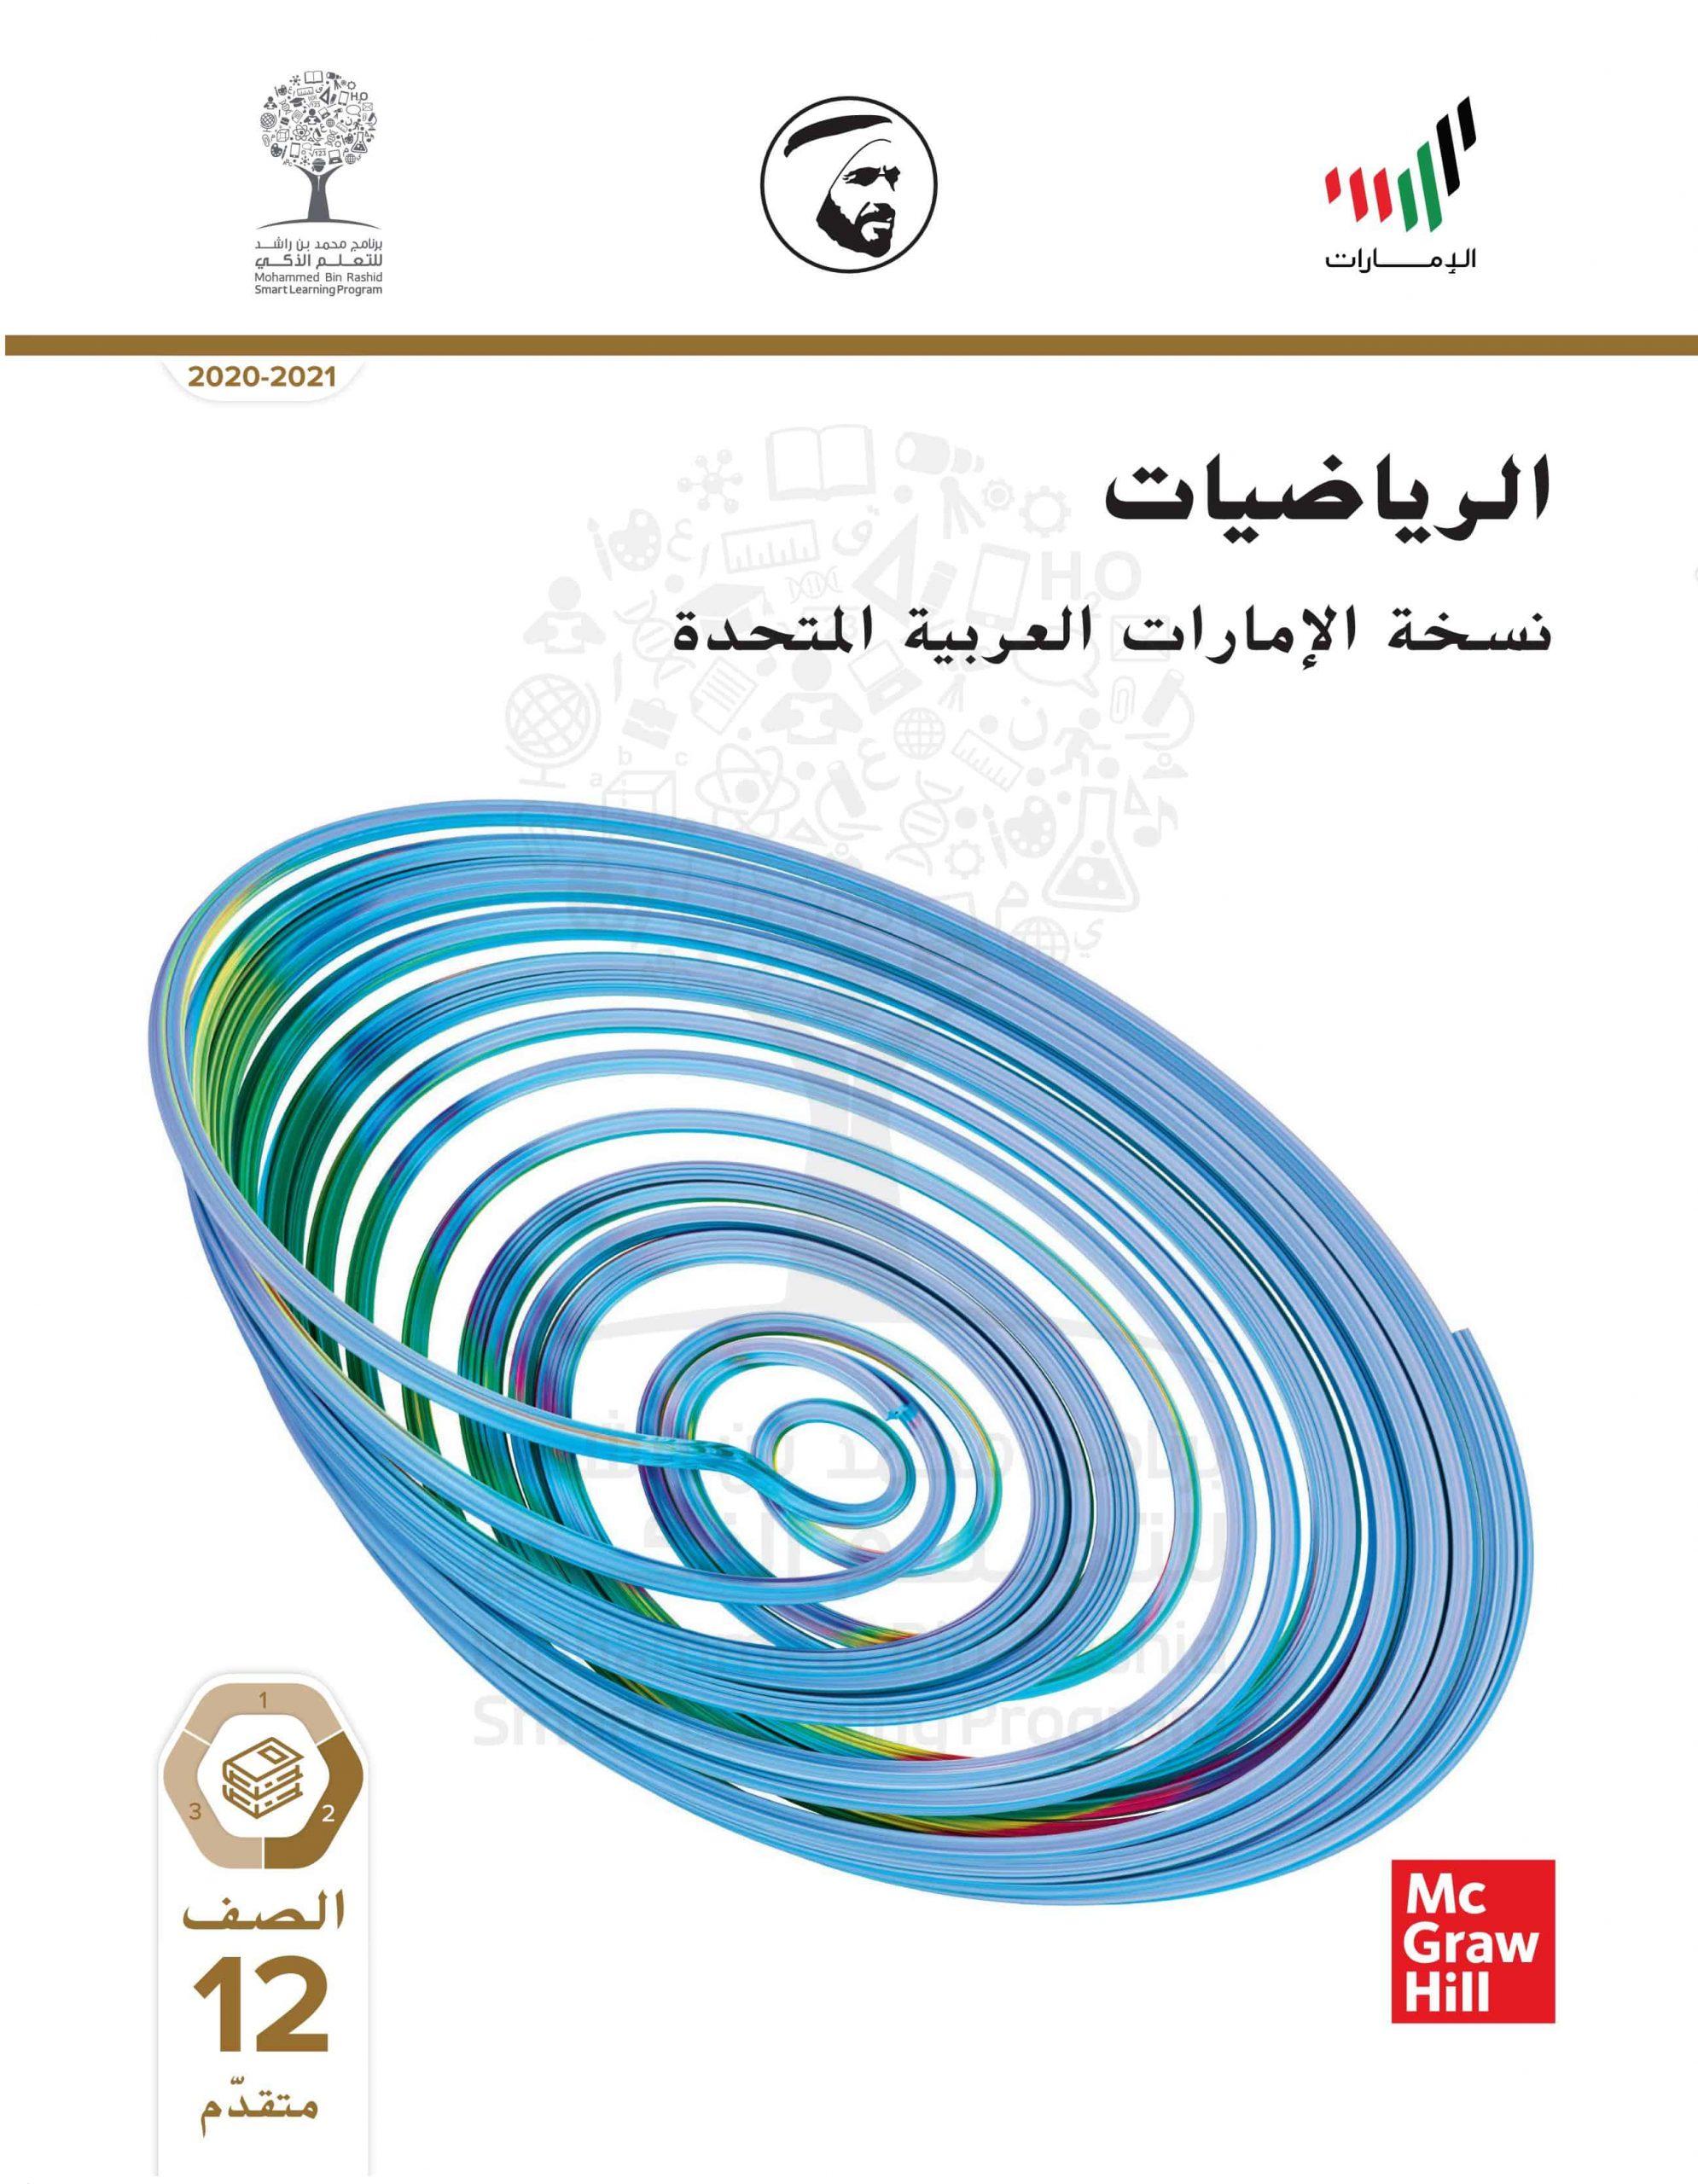 كتاب الطالب وحدة تطبيقات التفاضل الفصل الدراسي الثاني 2020-2021 الصف الثاني عشر متقدم مادة الرياضيات المتكاملة